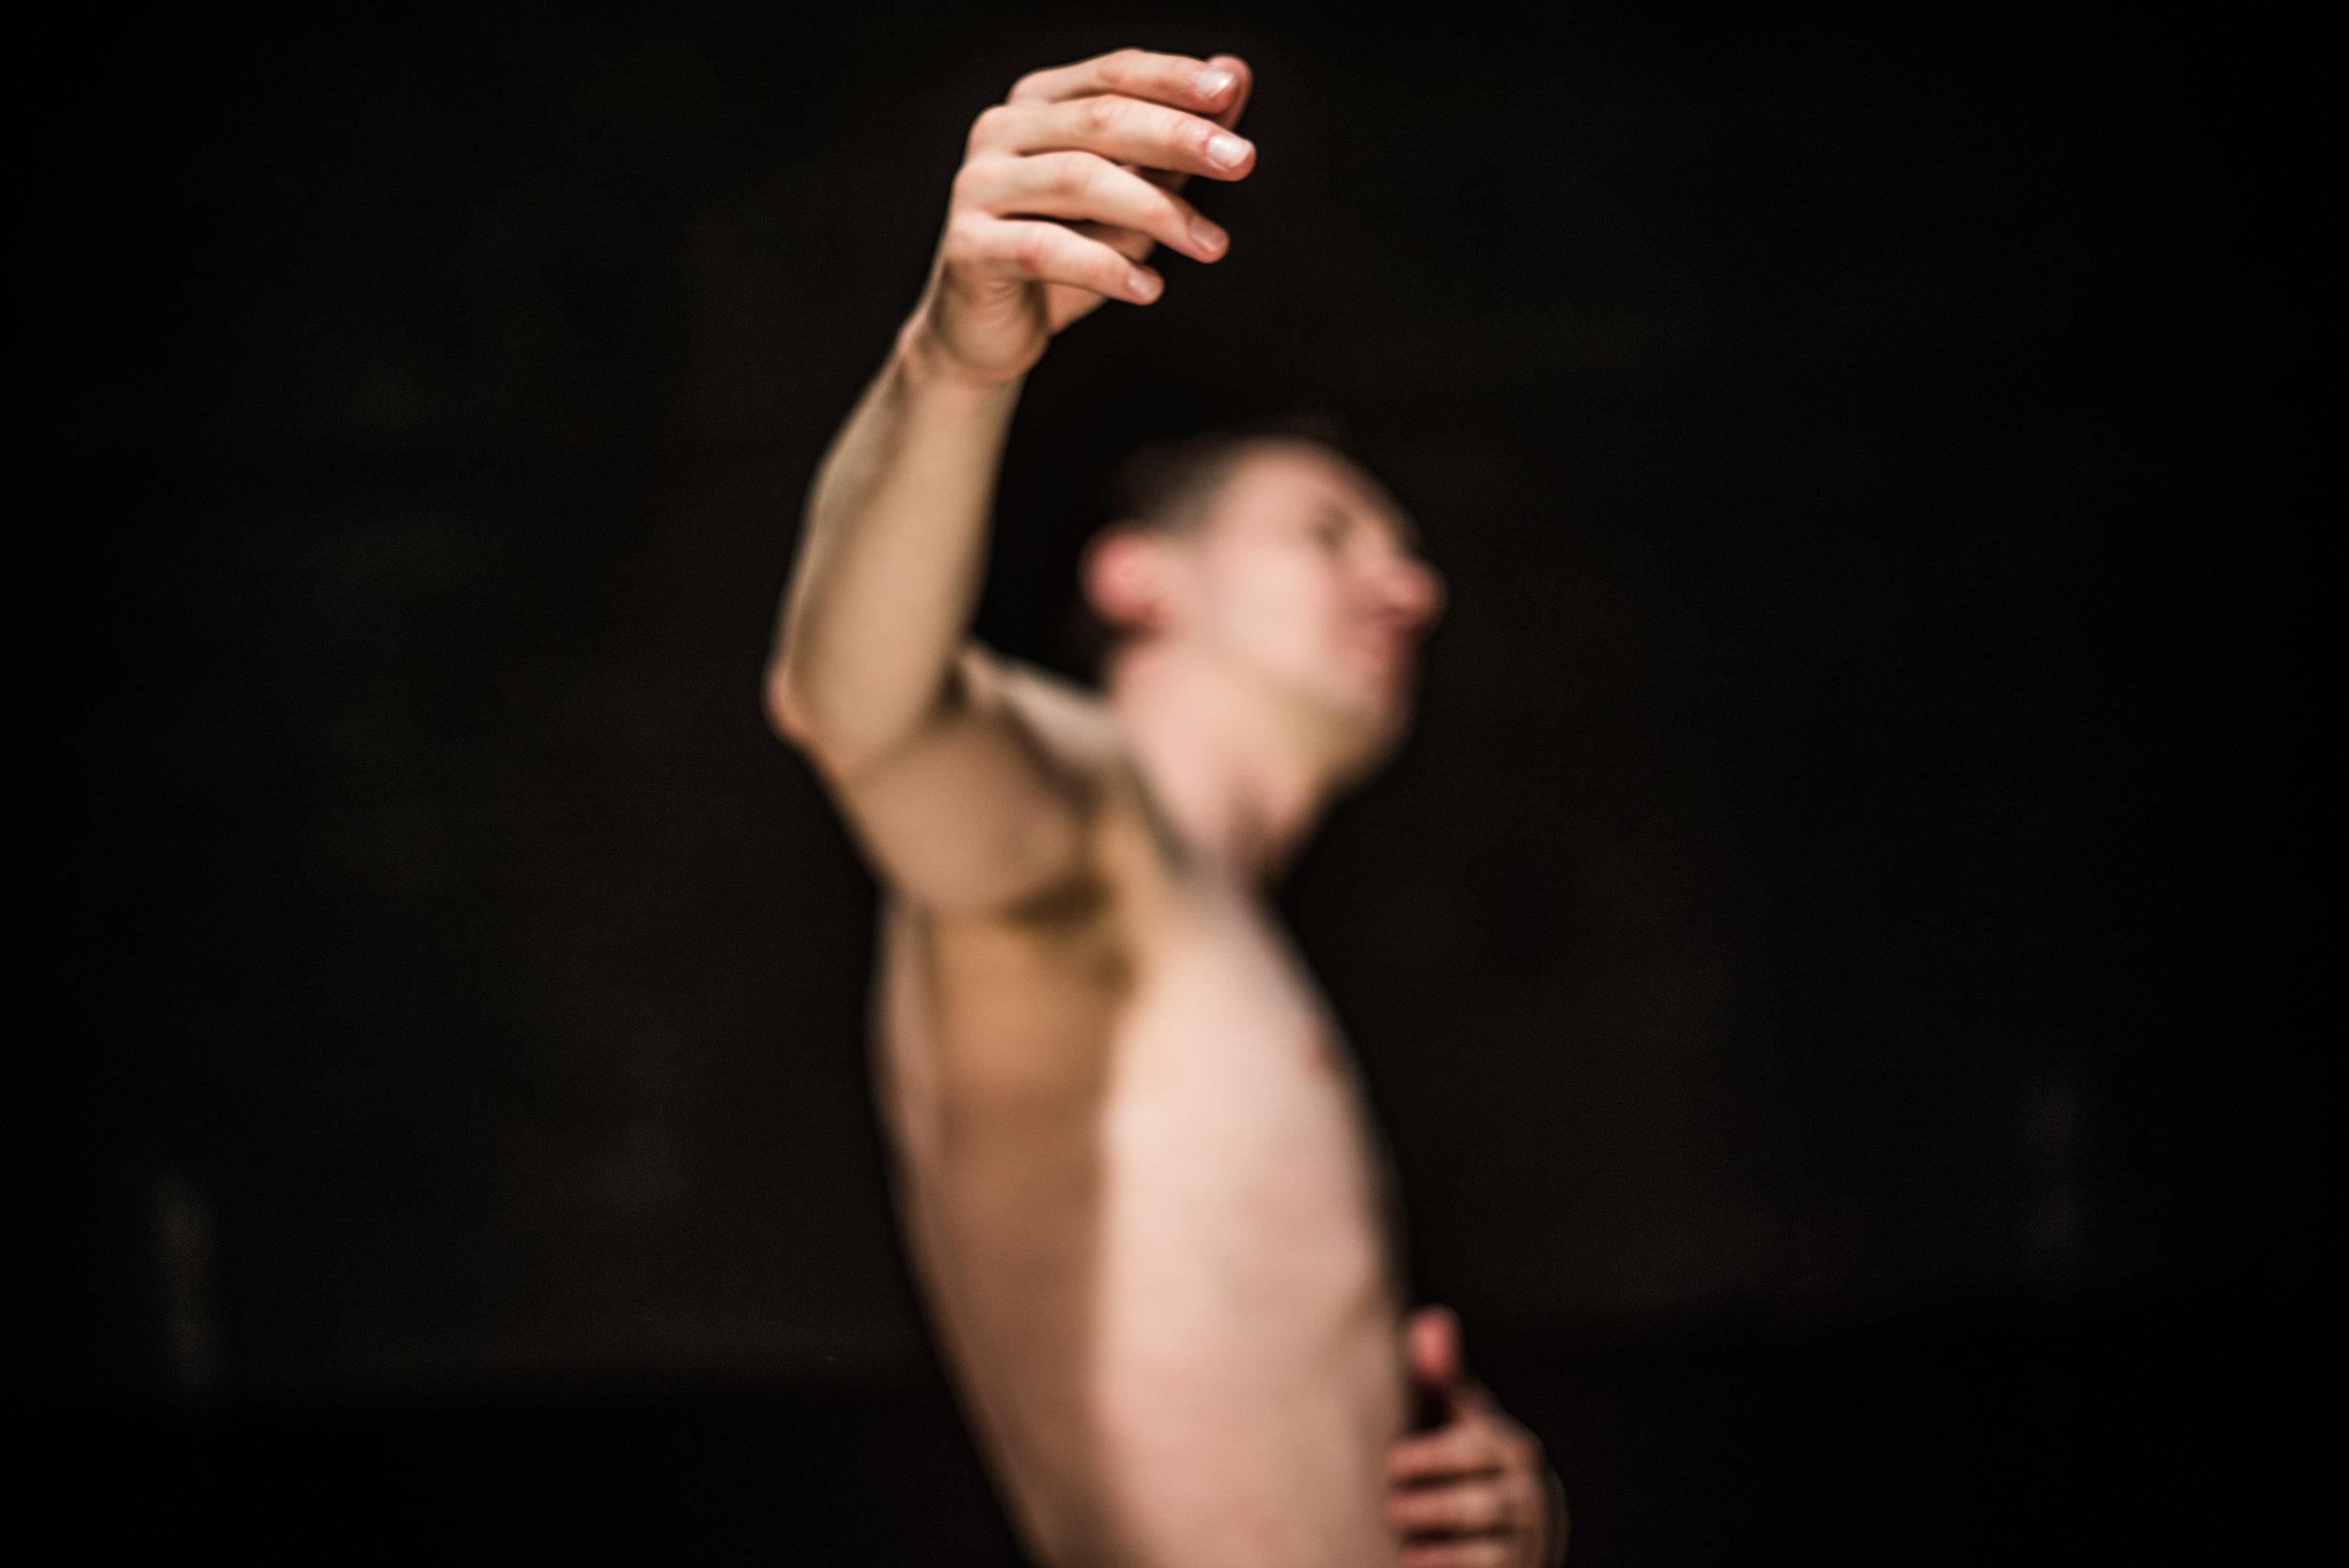 DANCING - Koen De Preter - (c)Bart Grietens - hand.jpg